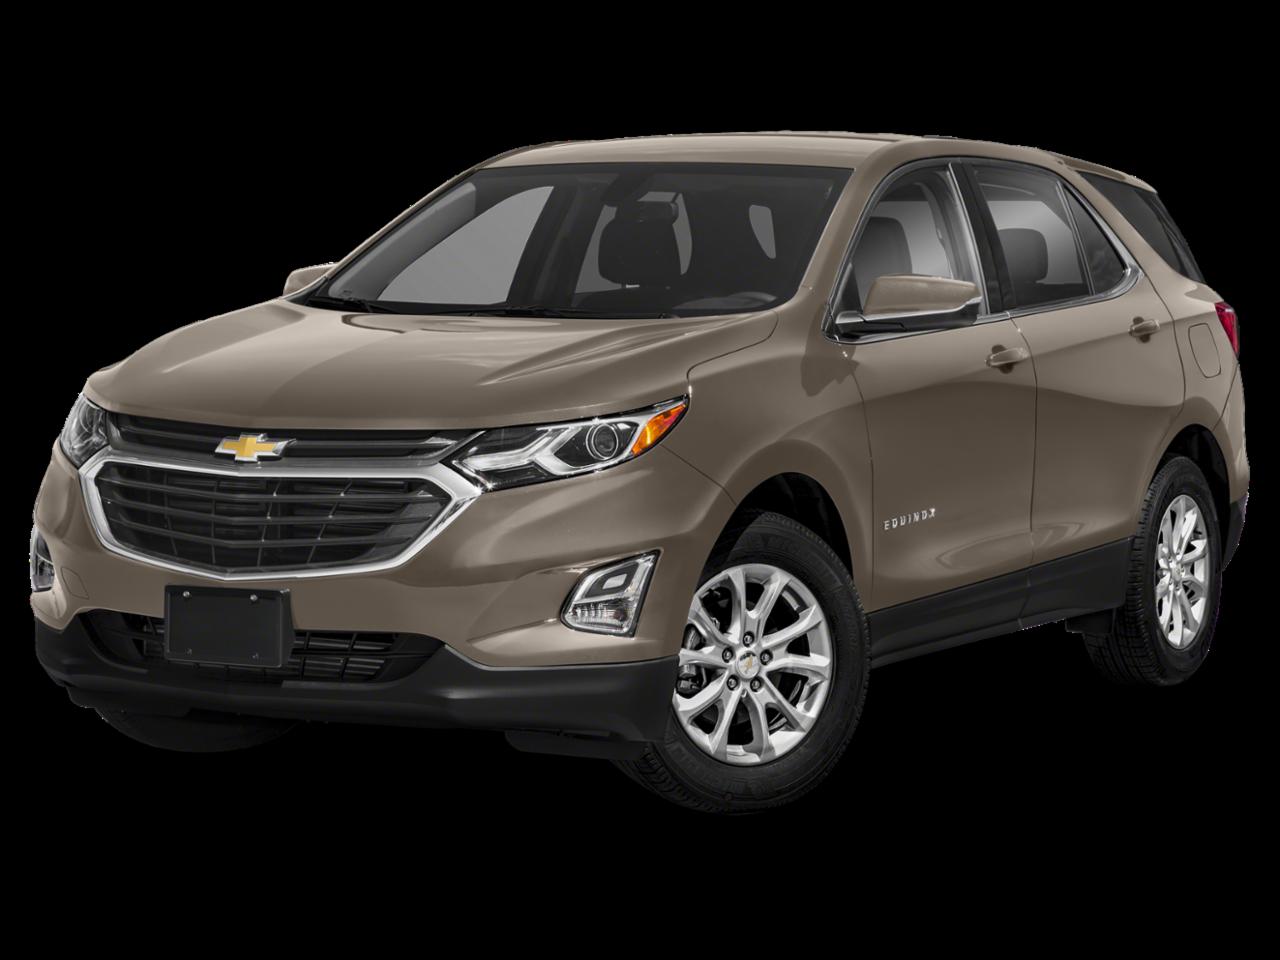 Stalker Chevrolet In Creston A Urbandale Osceola Des Moines Chevrolet Dealer Source